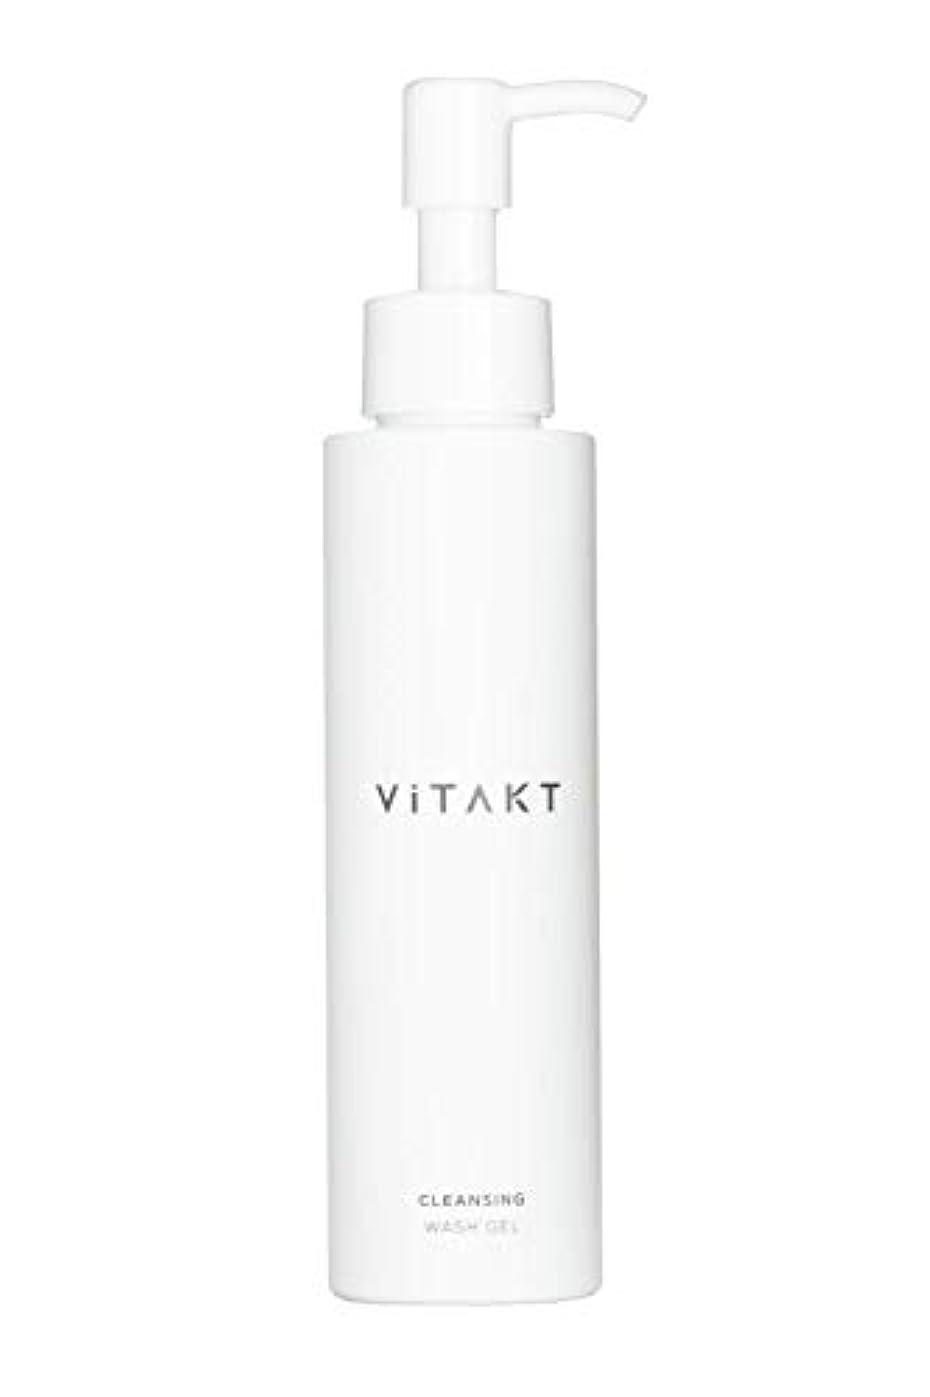 羽水平散歩ViTAKT (ヴィタクト) クレンジングウォッシュジェル [ 洗顔 + メイク落とし / 120ml ] 毛穴 毛穴対策 無添加 (マツエク対応)